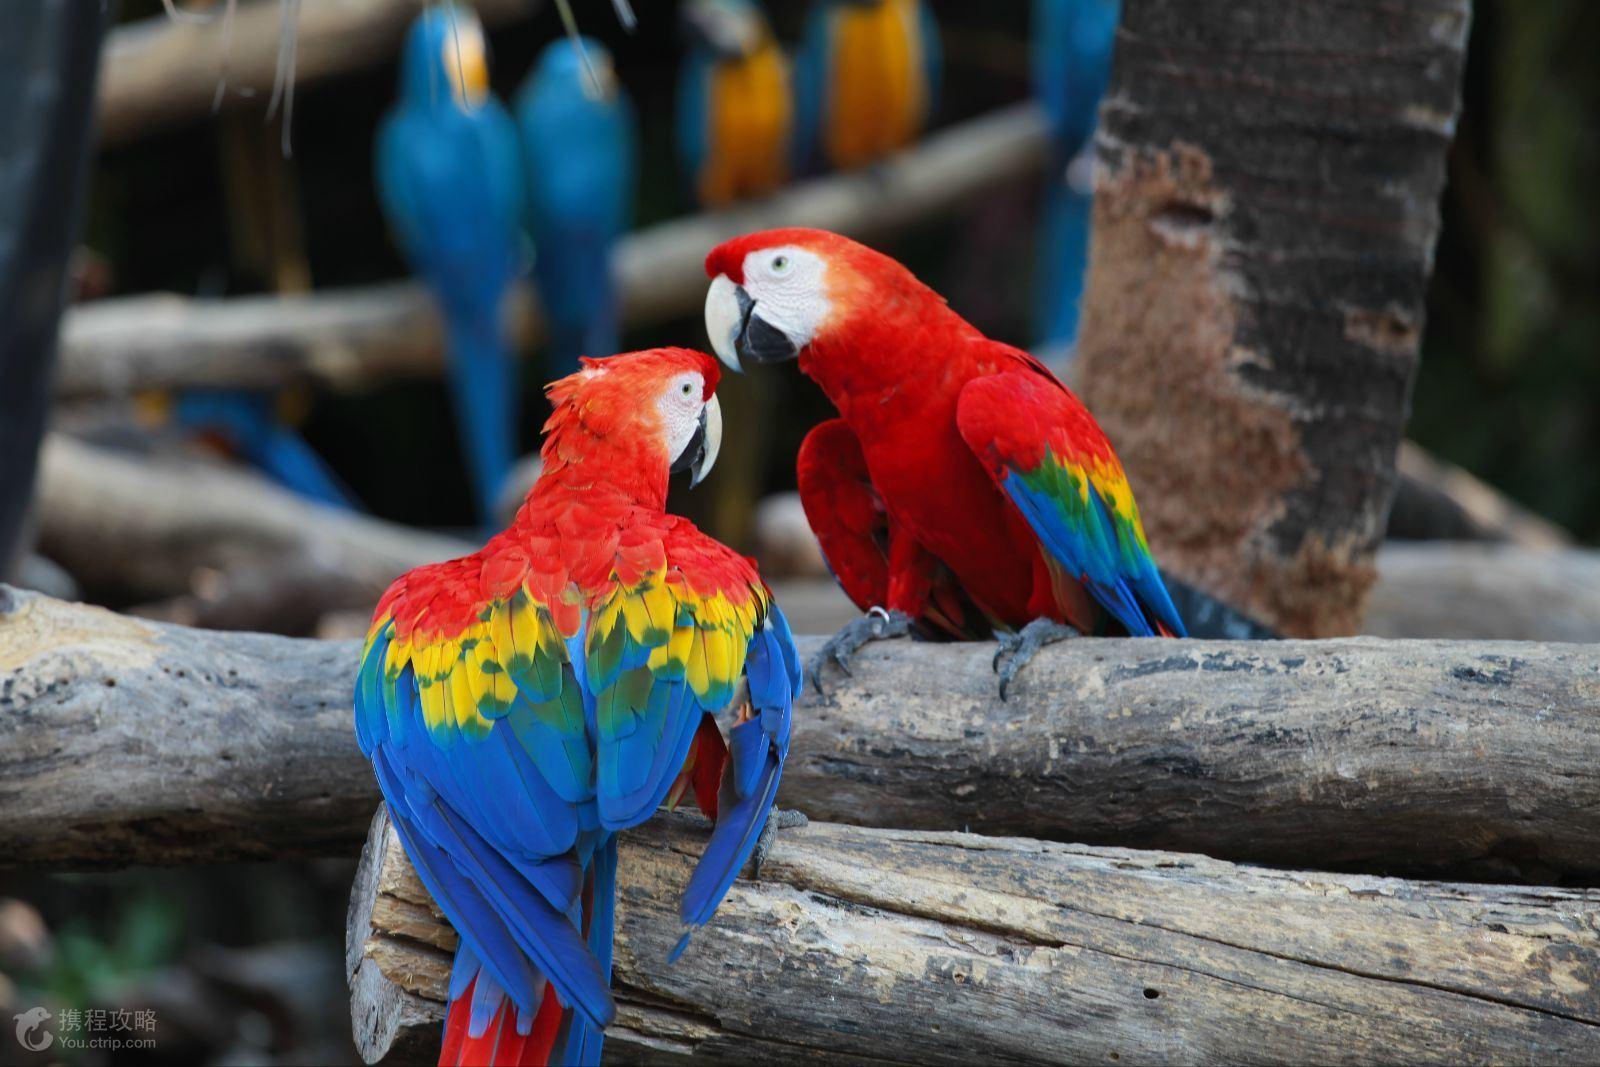 与世界各地的珍稀野生动物零距离亲密接触互动